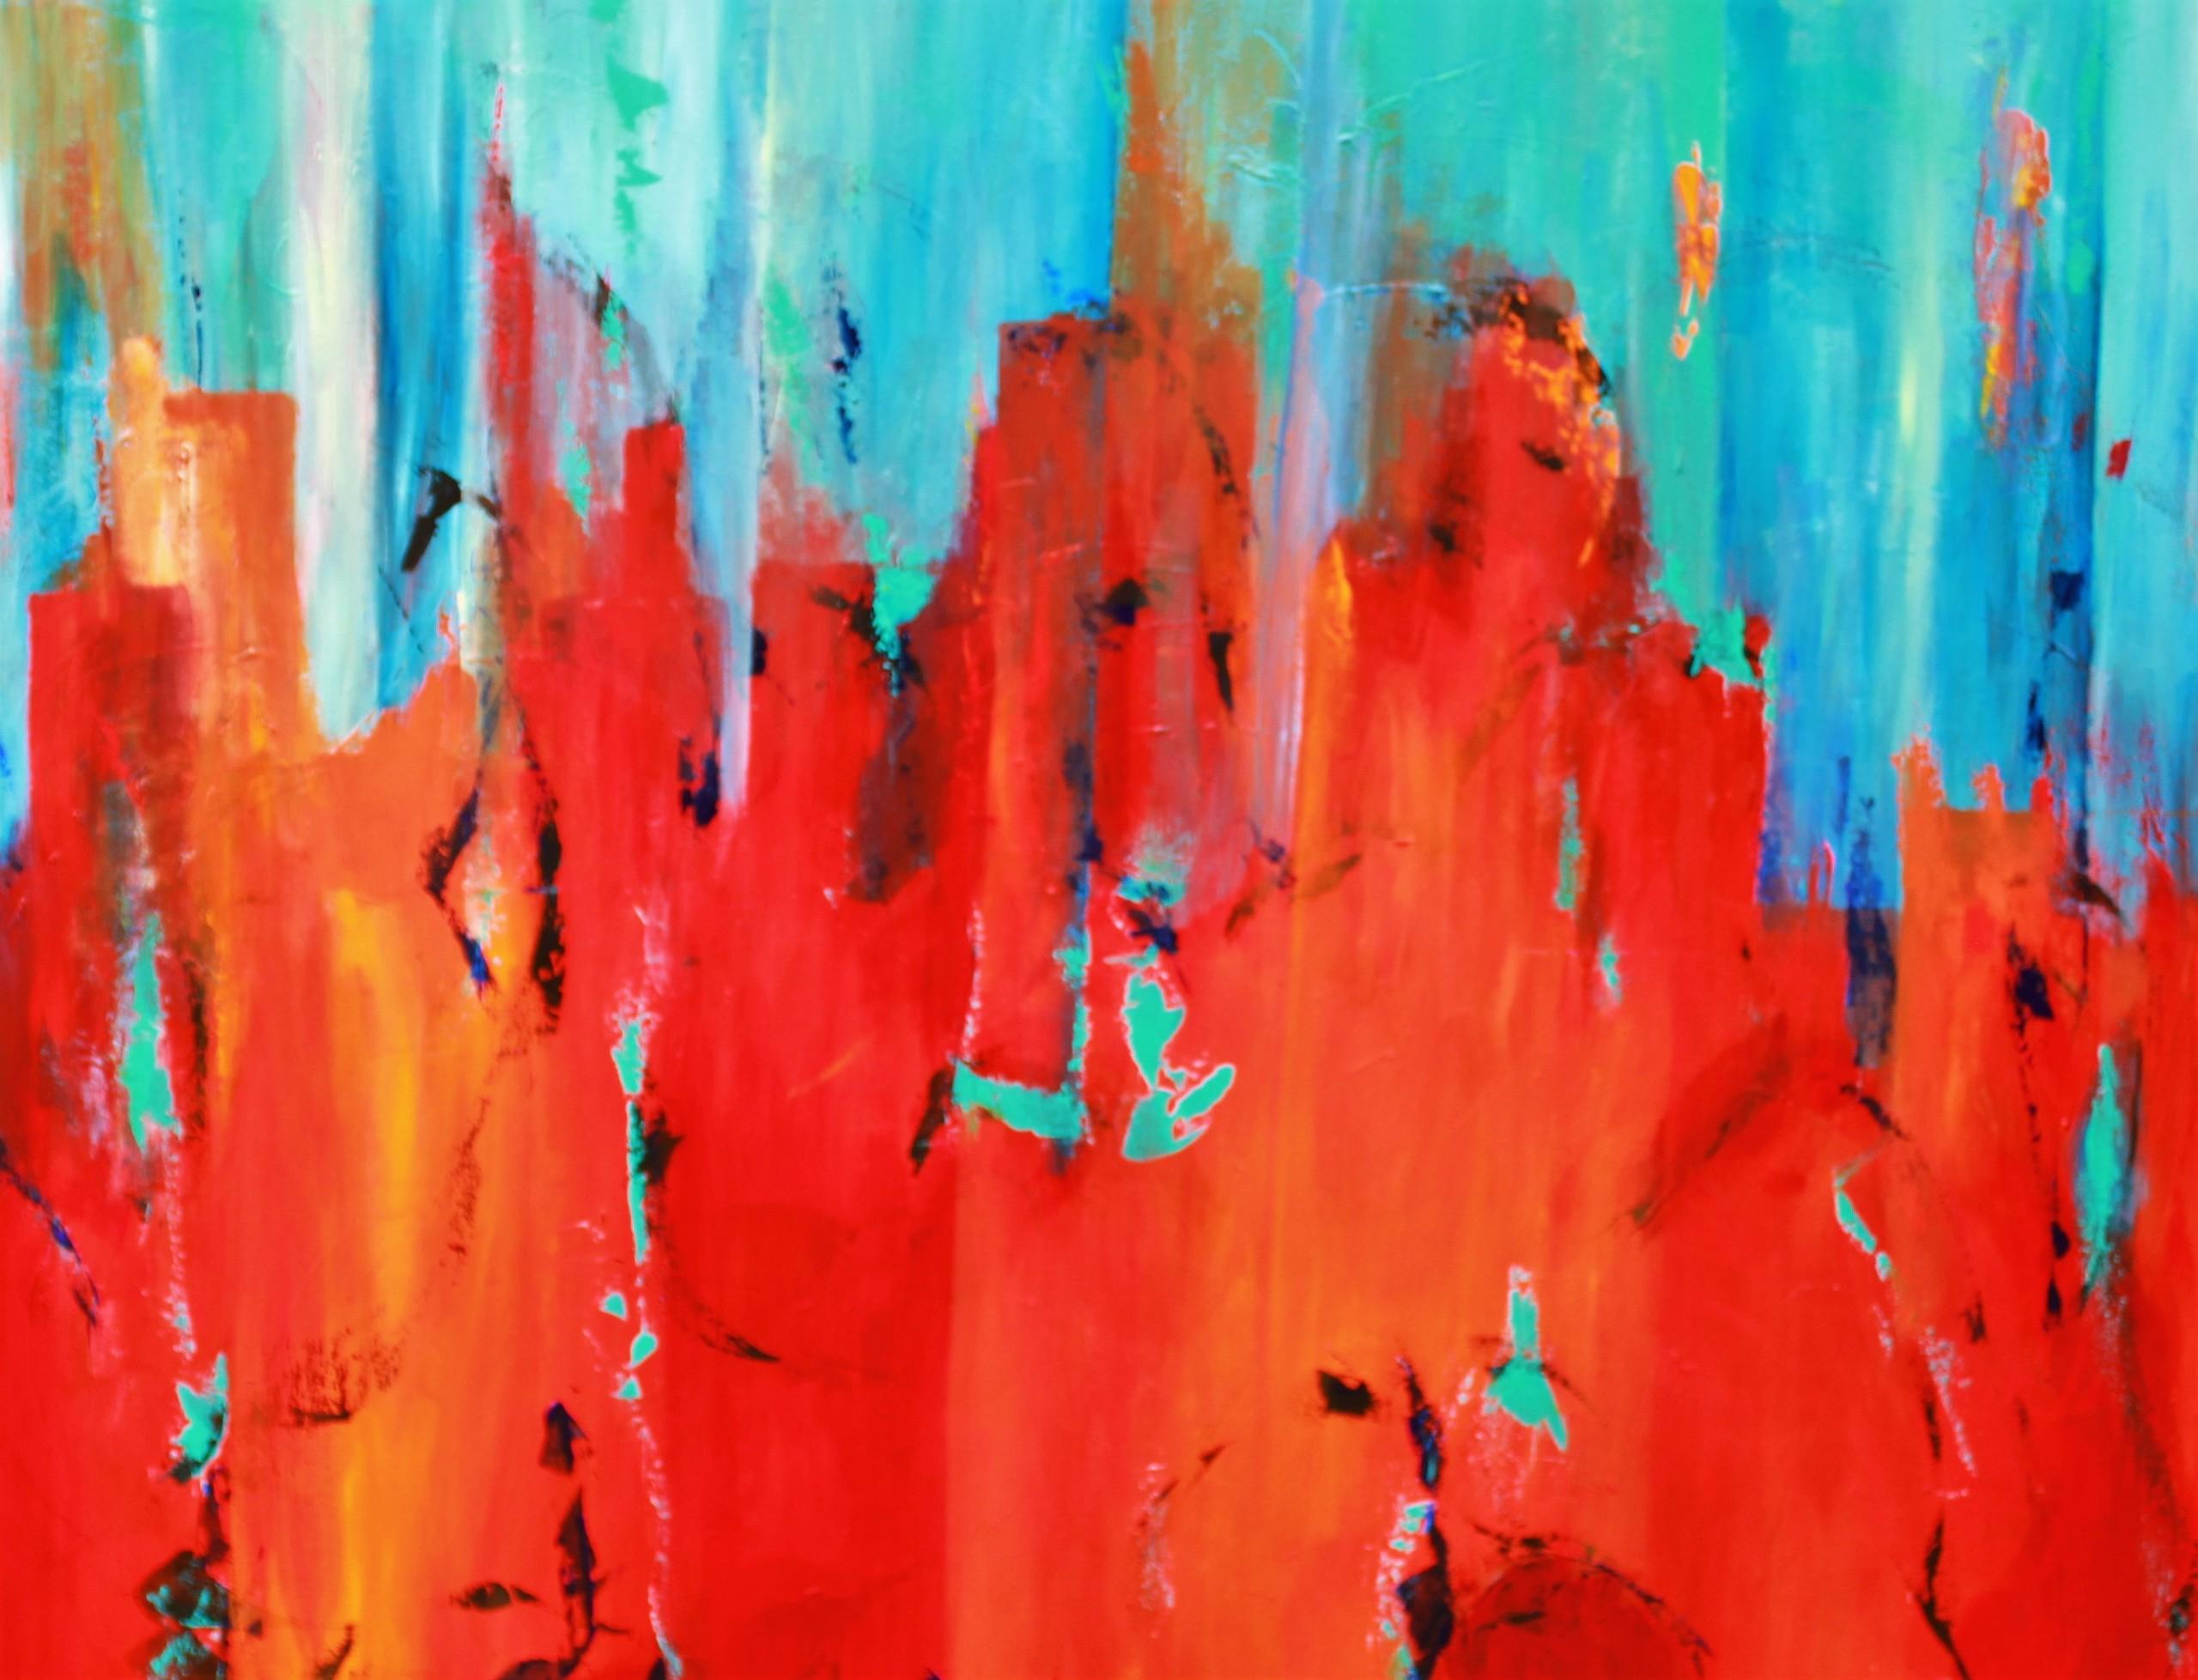 Det er sjovt at male store abstrakte malerier og lege med farver og former. I maleriet her er der masser at se på og tale om.